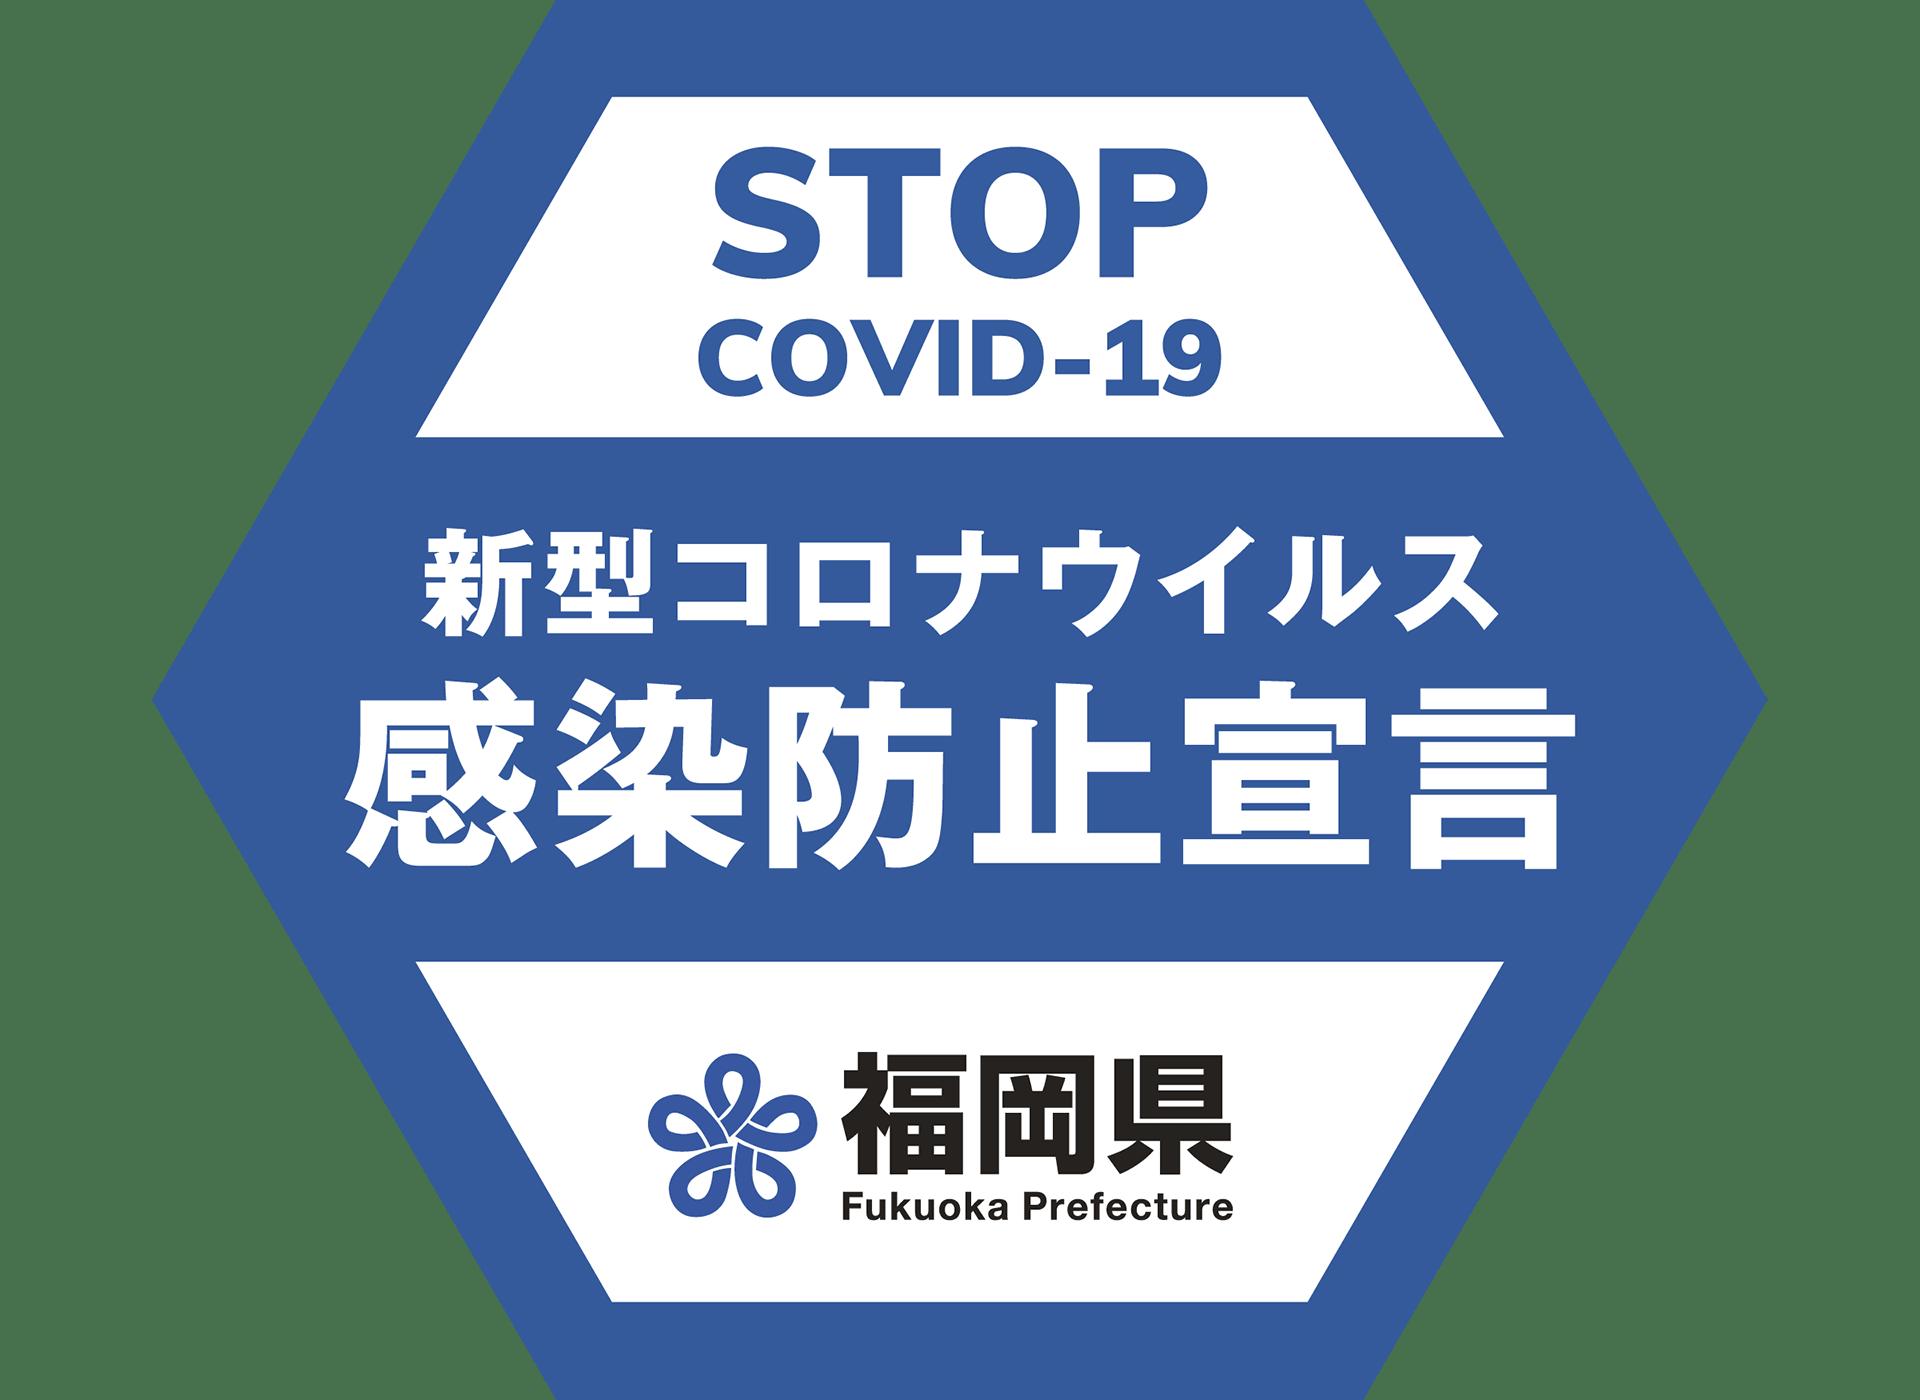 新型コロナウィルス感染拡大防止に伴うお知らせ - img